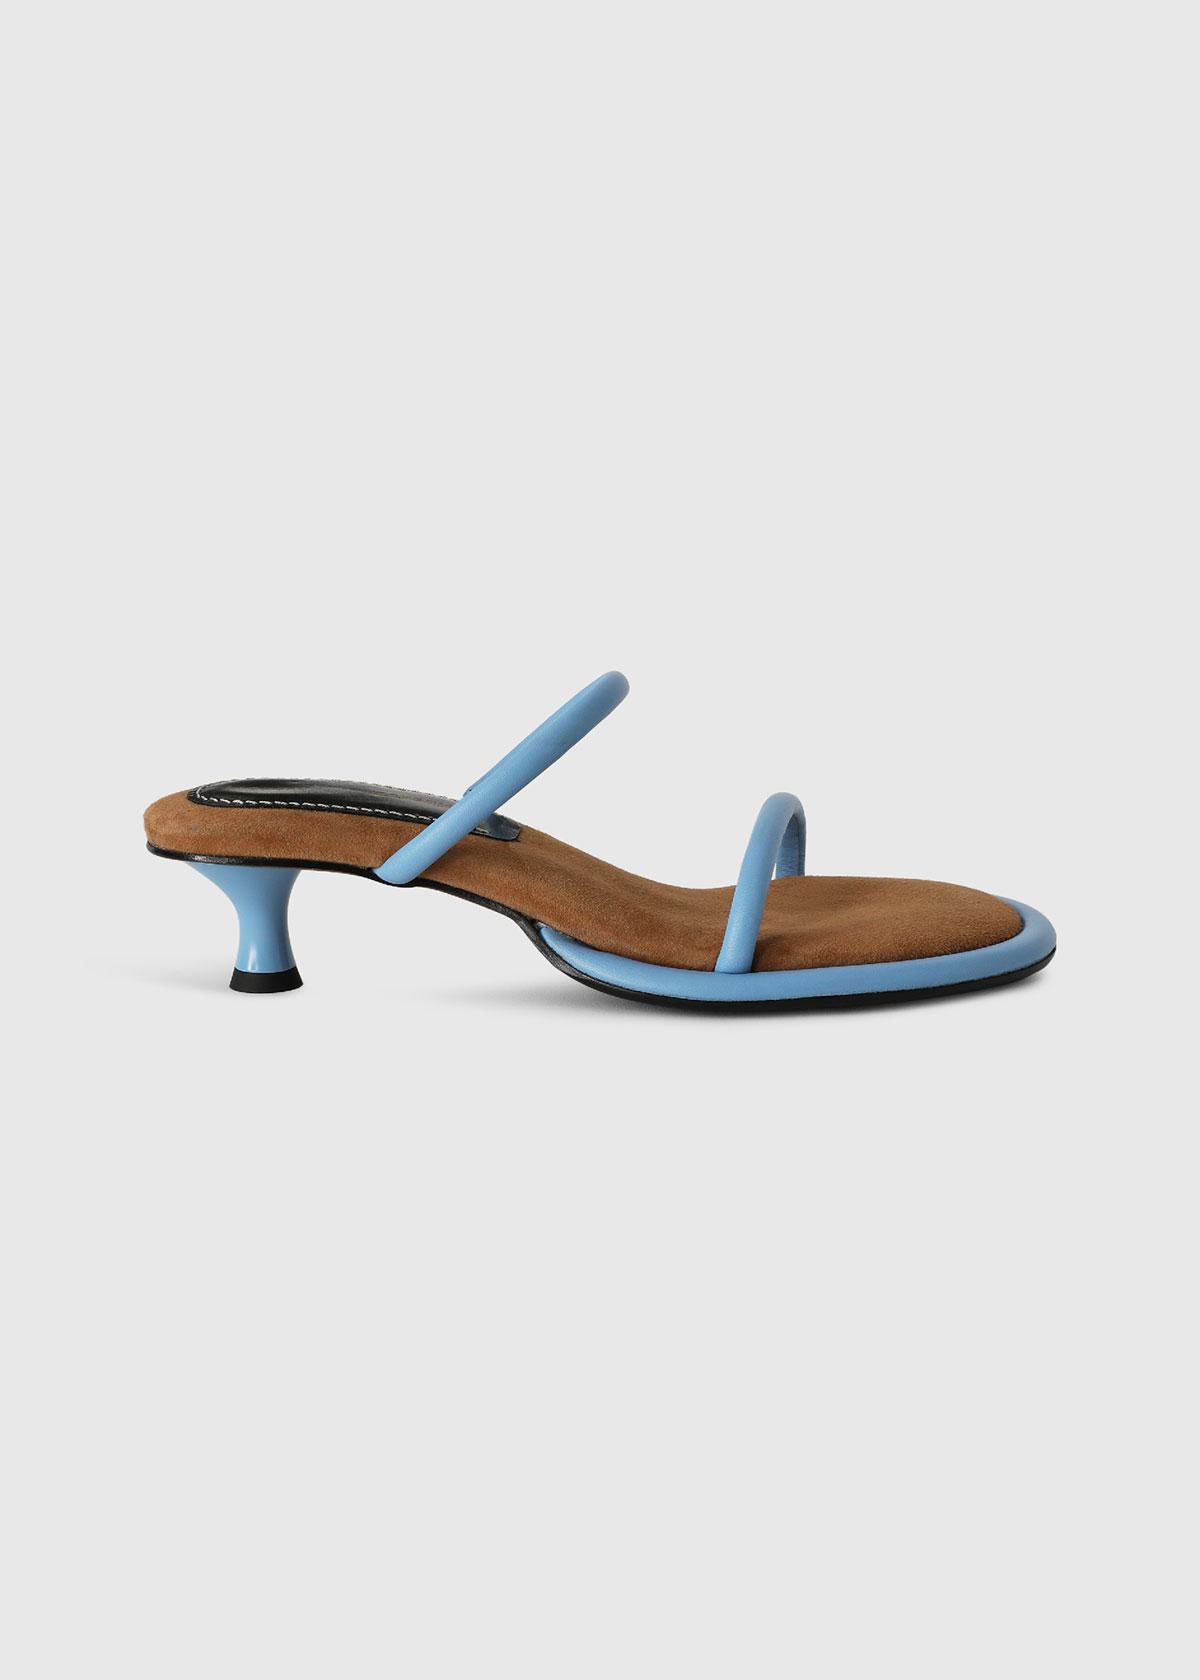 Proenza Schouler Sandals PIPE KITTEN-HEEL SLIDE SANDALS